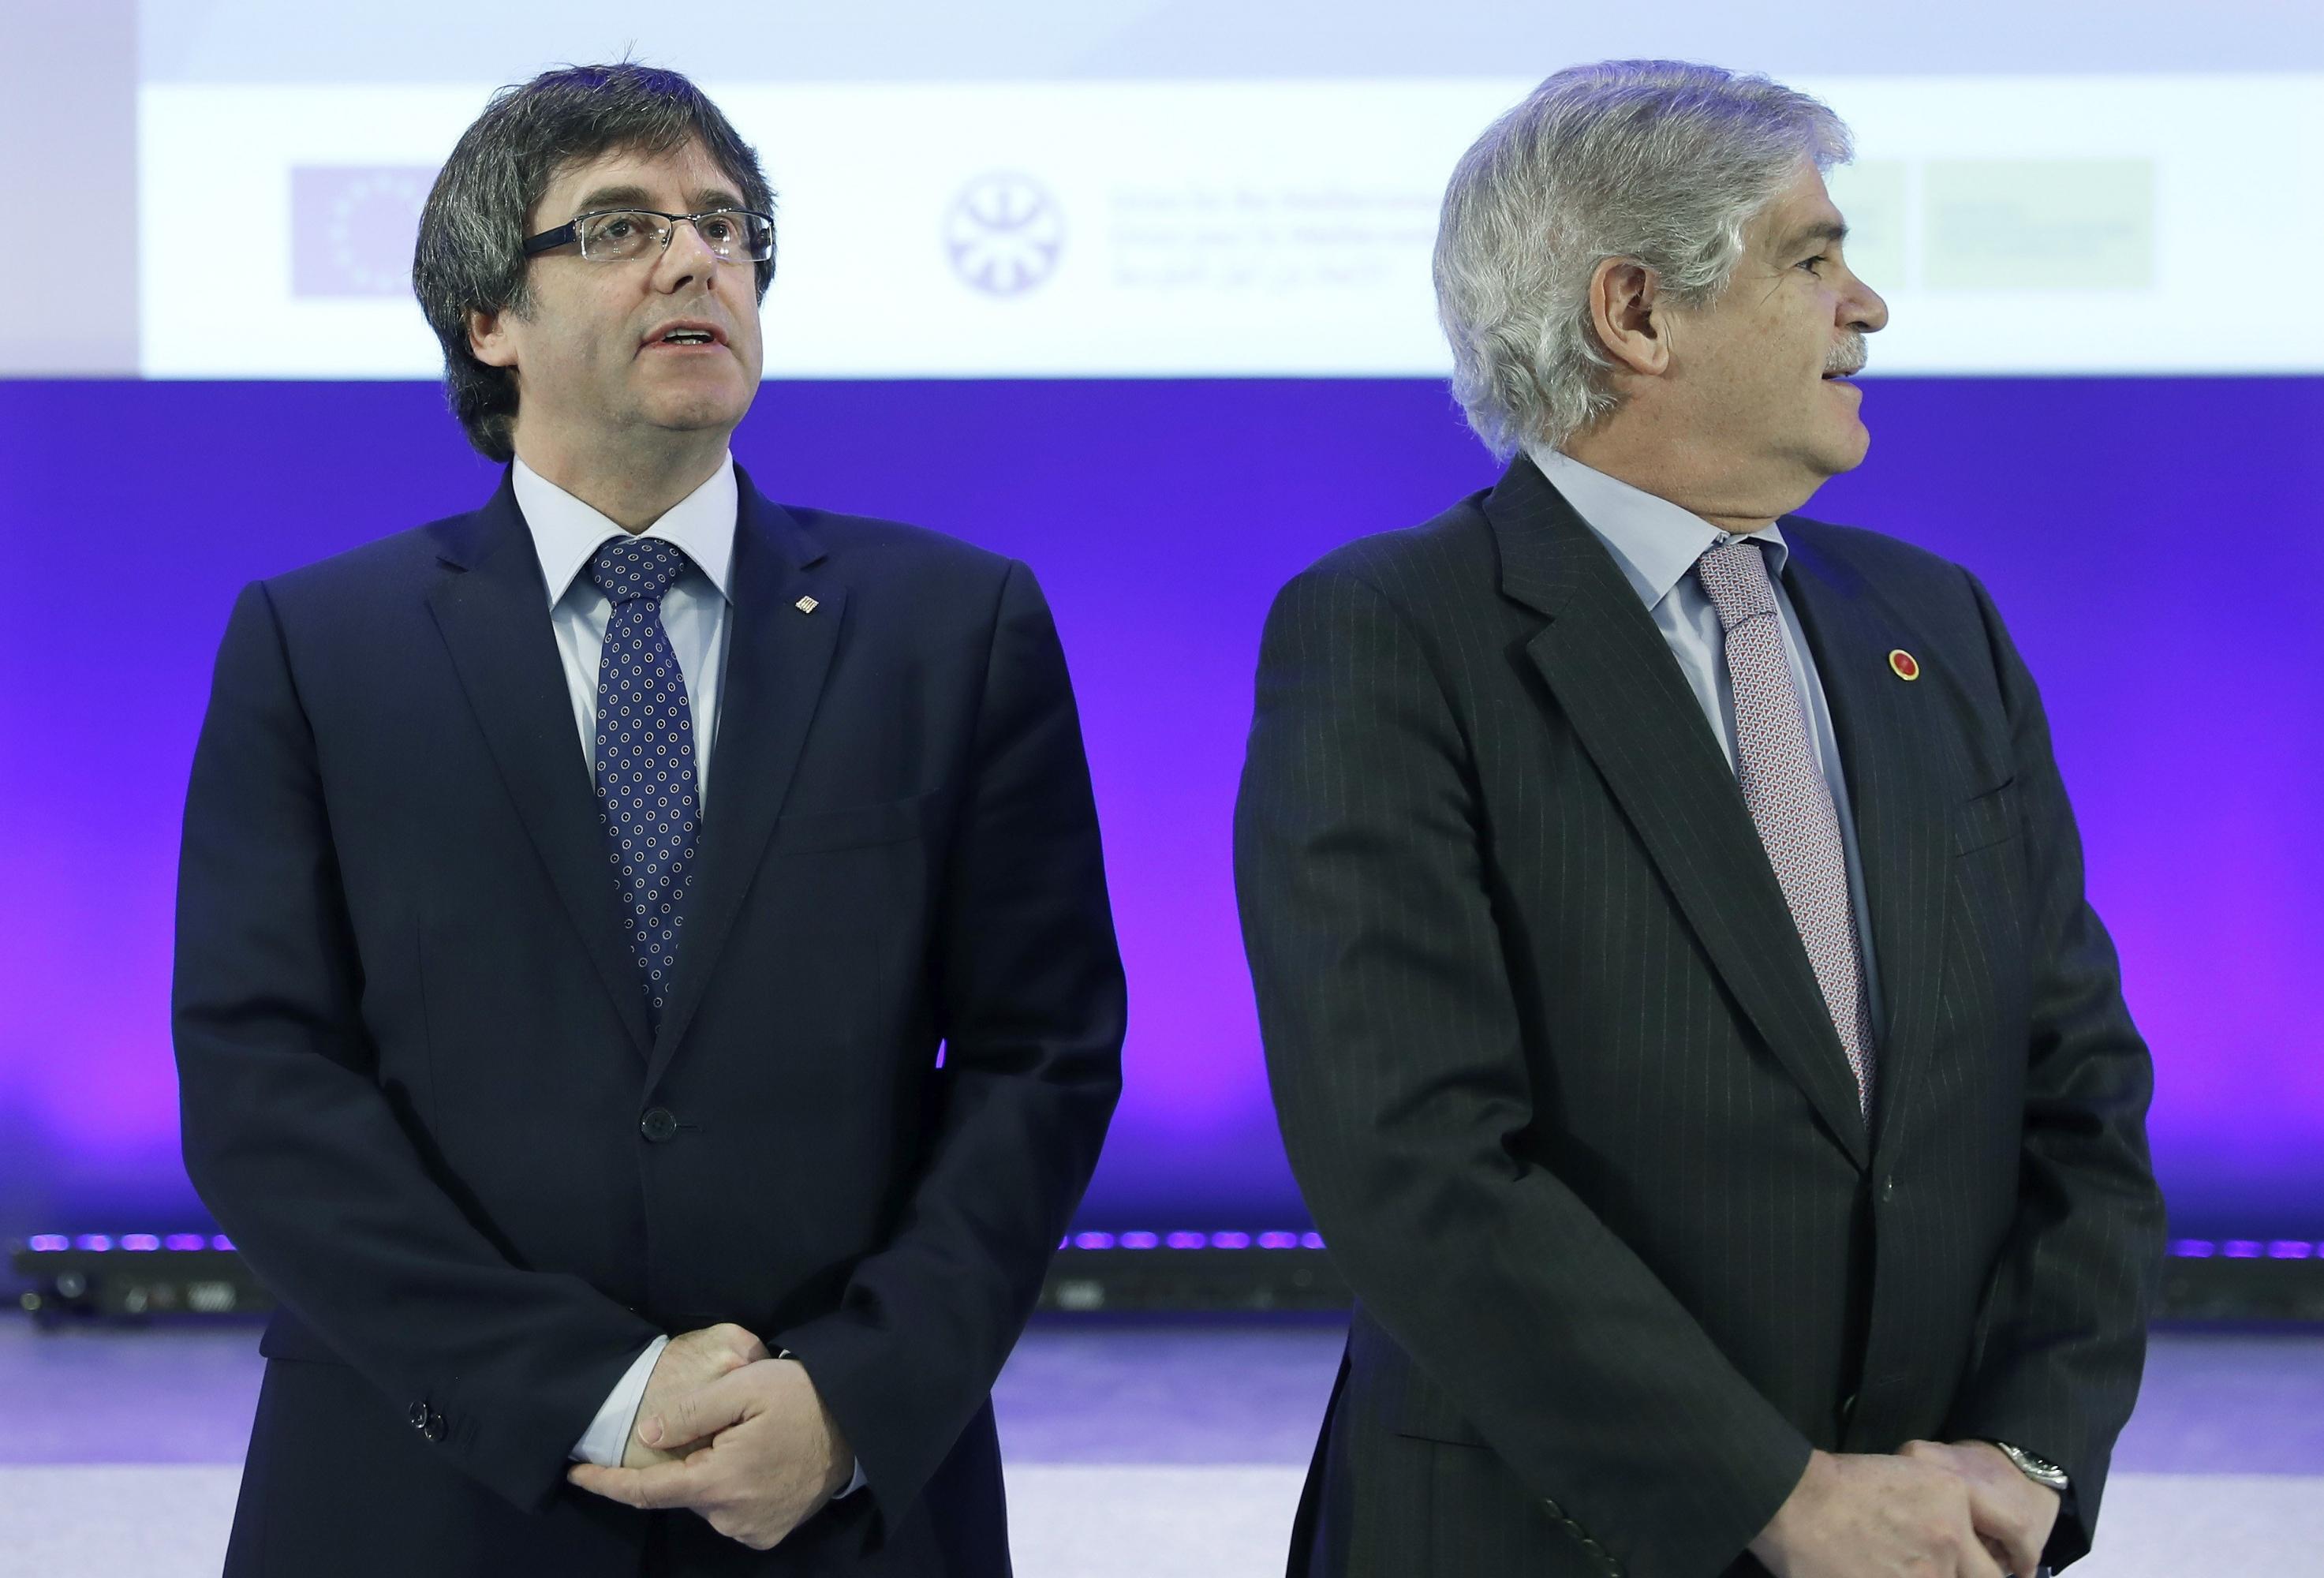 El presidente de la Generalitat, Carles Puigdemont, con el ministro de Asuntos Exteriores, Alfonso Dastis Quecedo, durante la inauguración del foro euromediterráneo que se celebra este lunes en Barcelona. EFE/Andreu Dalmau